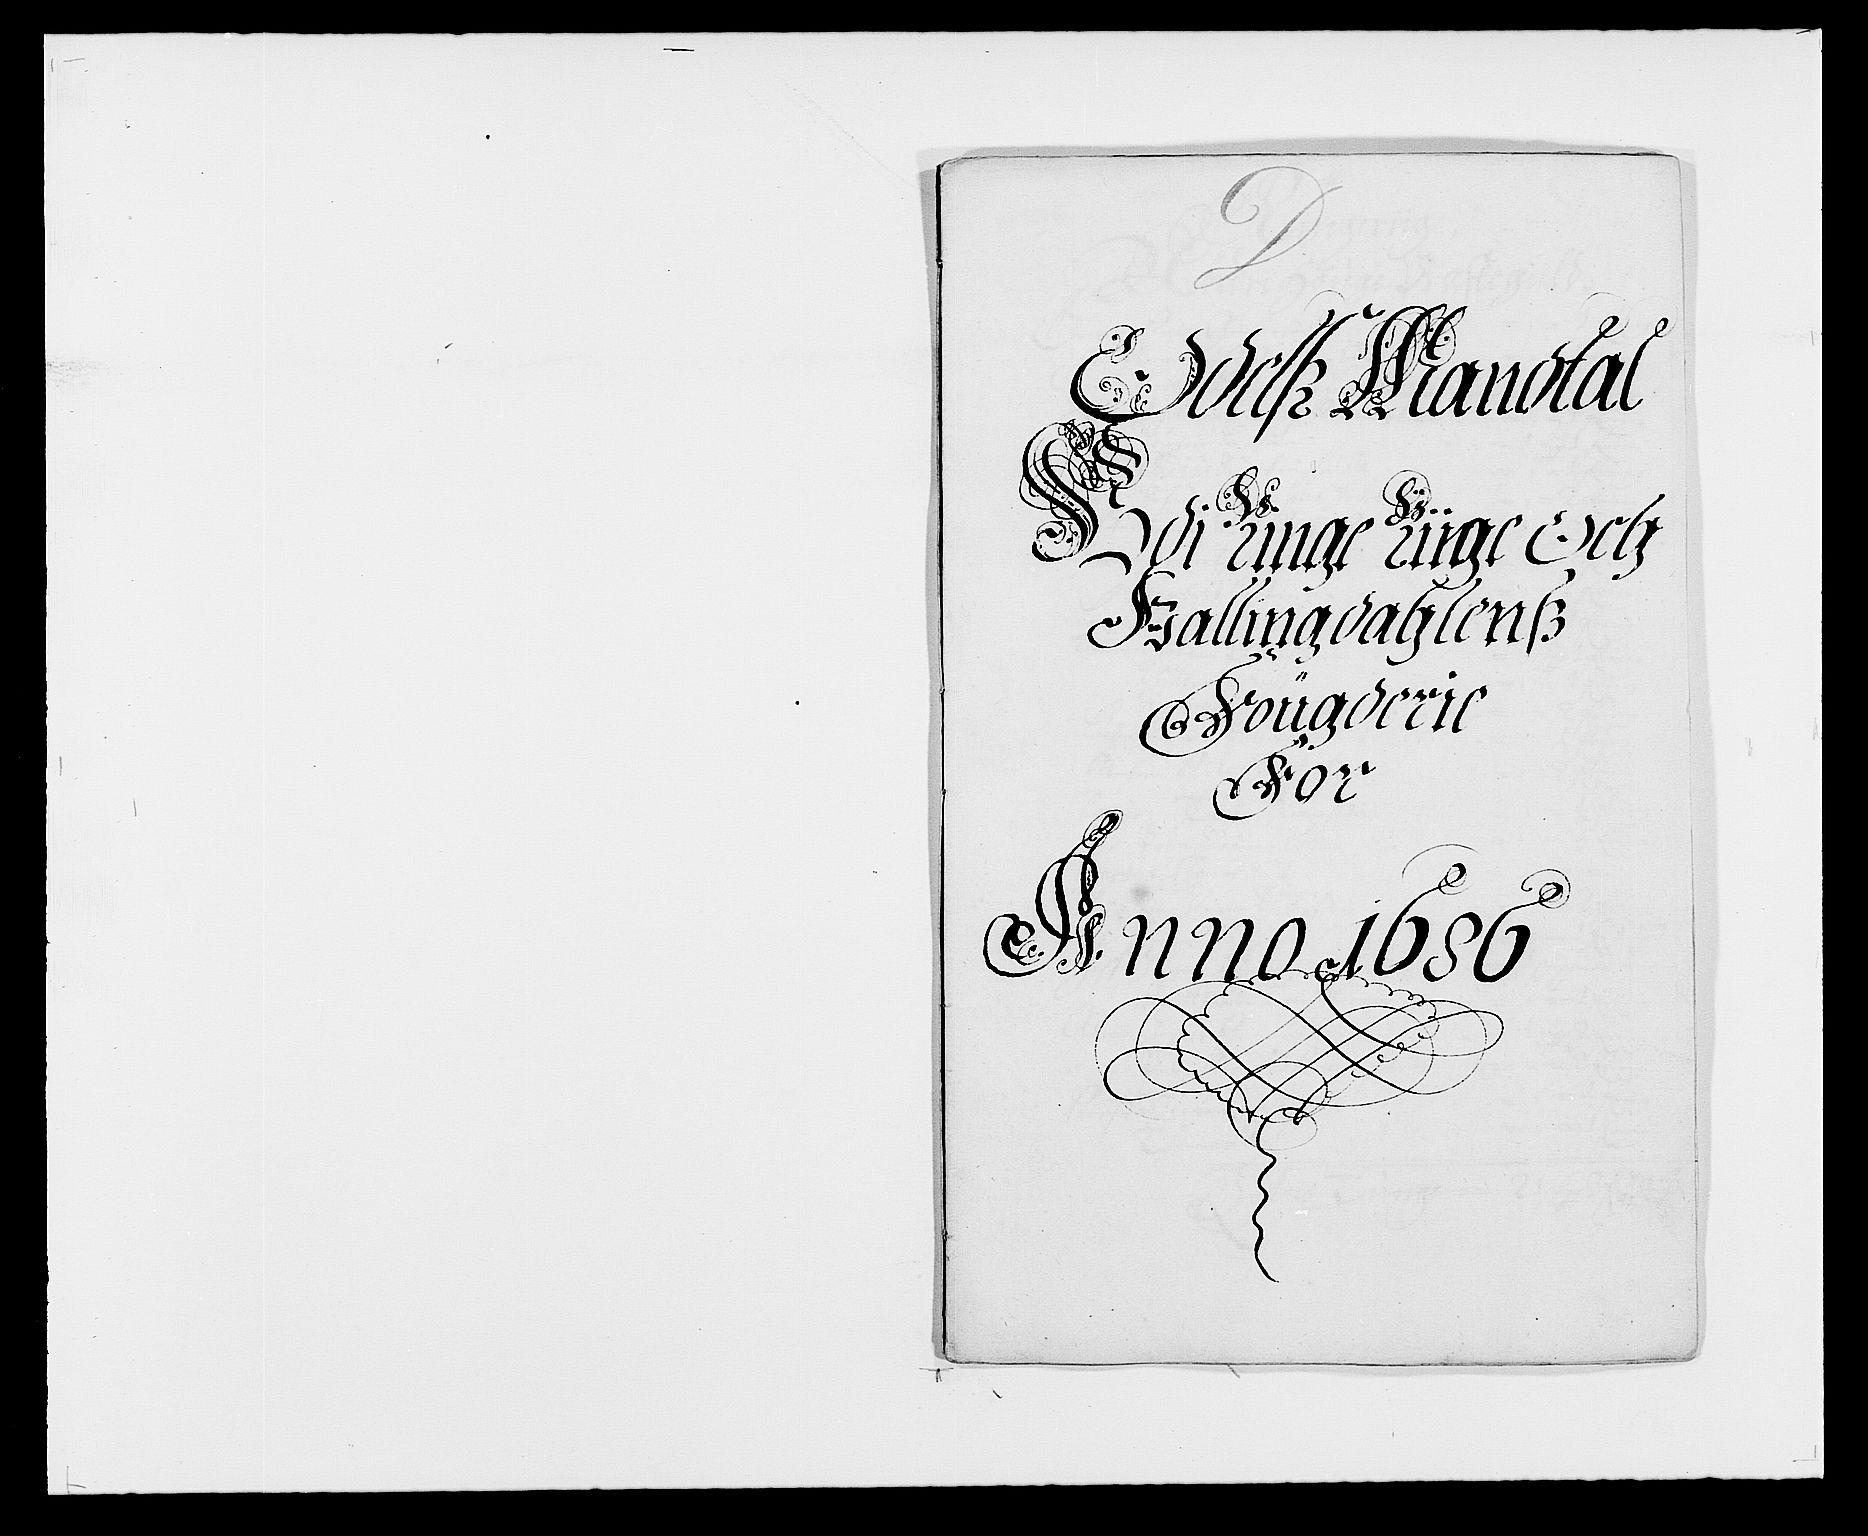 RA, Rentekammeret inntil 1814, Reviderte regnskaper, Fogderegnskap, R21/L1446: Fogderegnskap Ringerike og Hallingdal, 1683-1686, s. 457